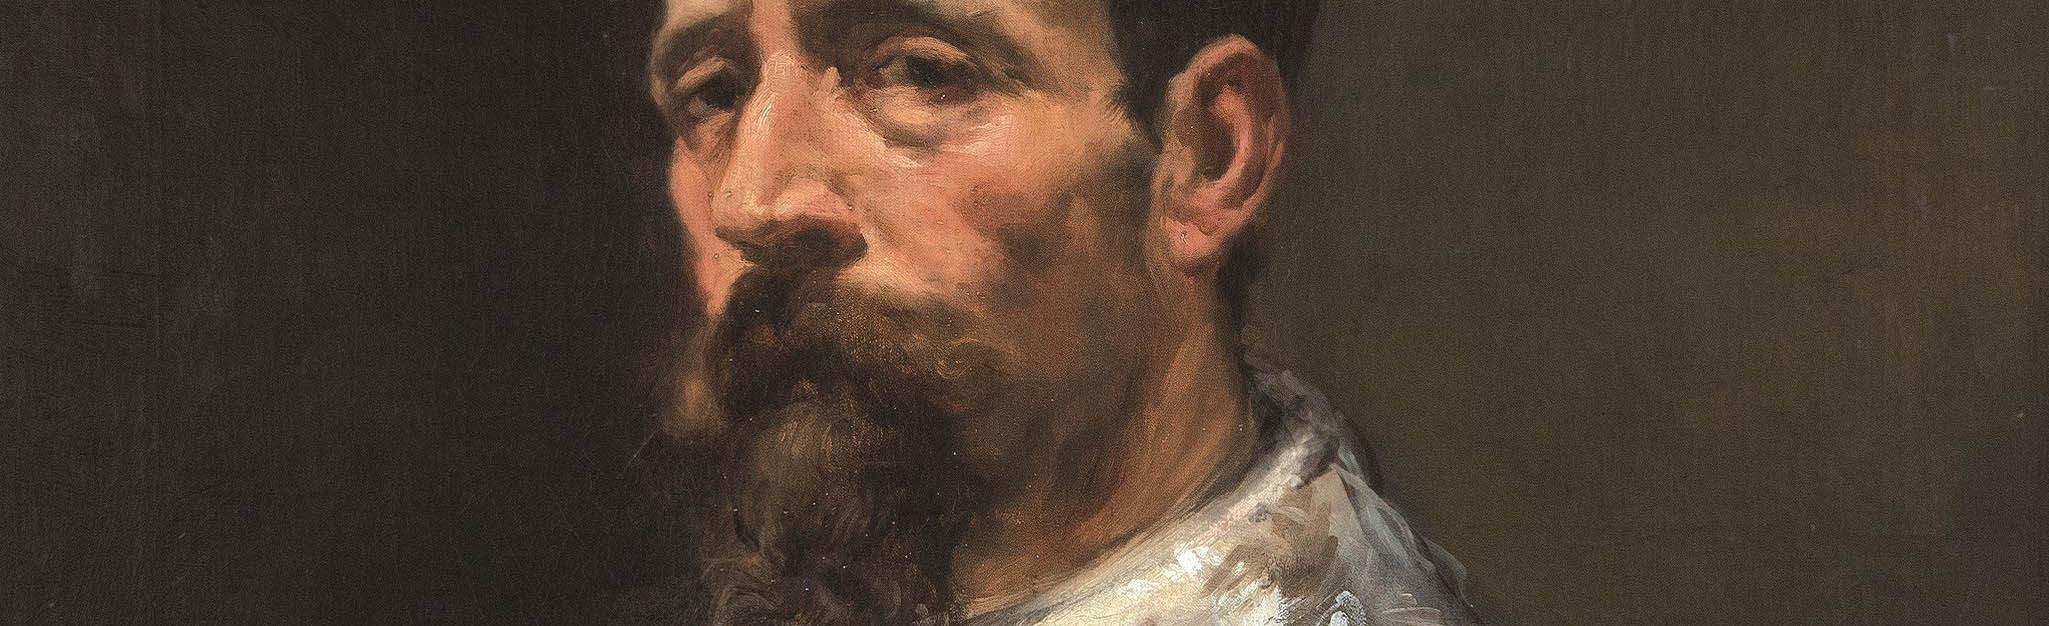 Joaquín Sorolla. Caballero con banda, 1882, detalle. Salida: 95.000 euros. No vendido. Comprado por el Estado para el Museo Sorolla